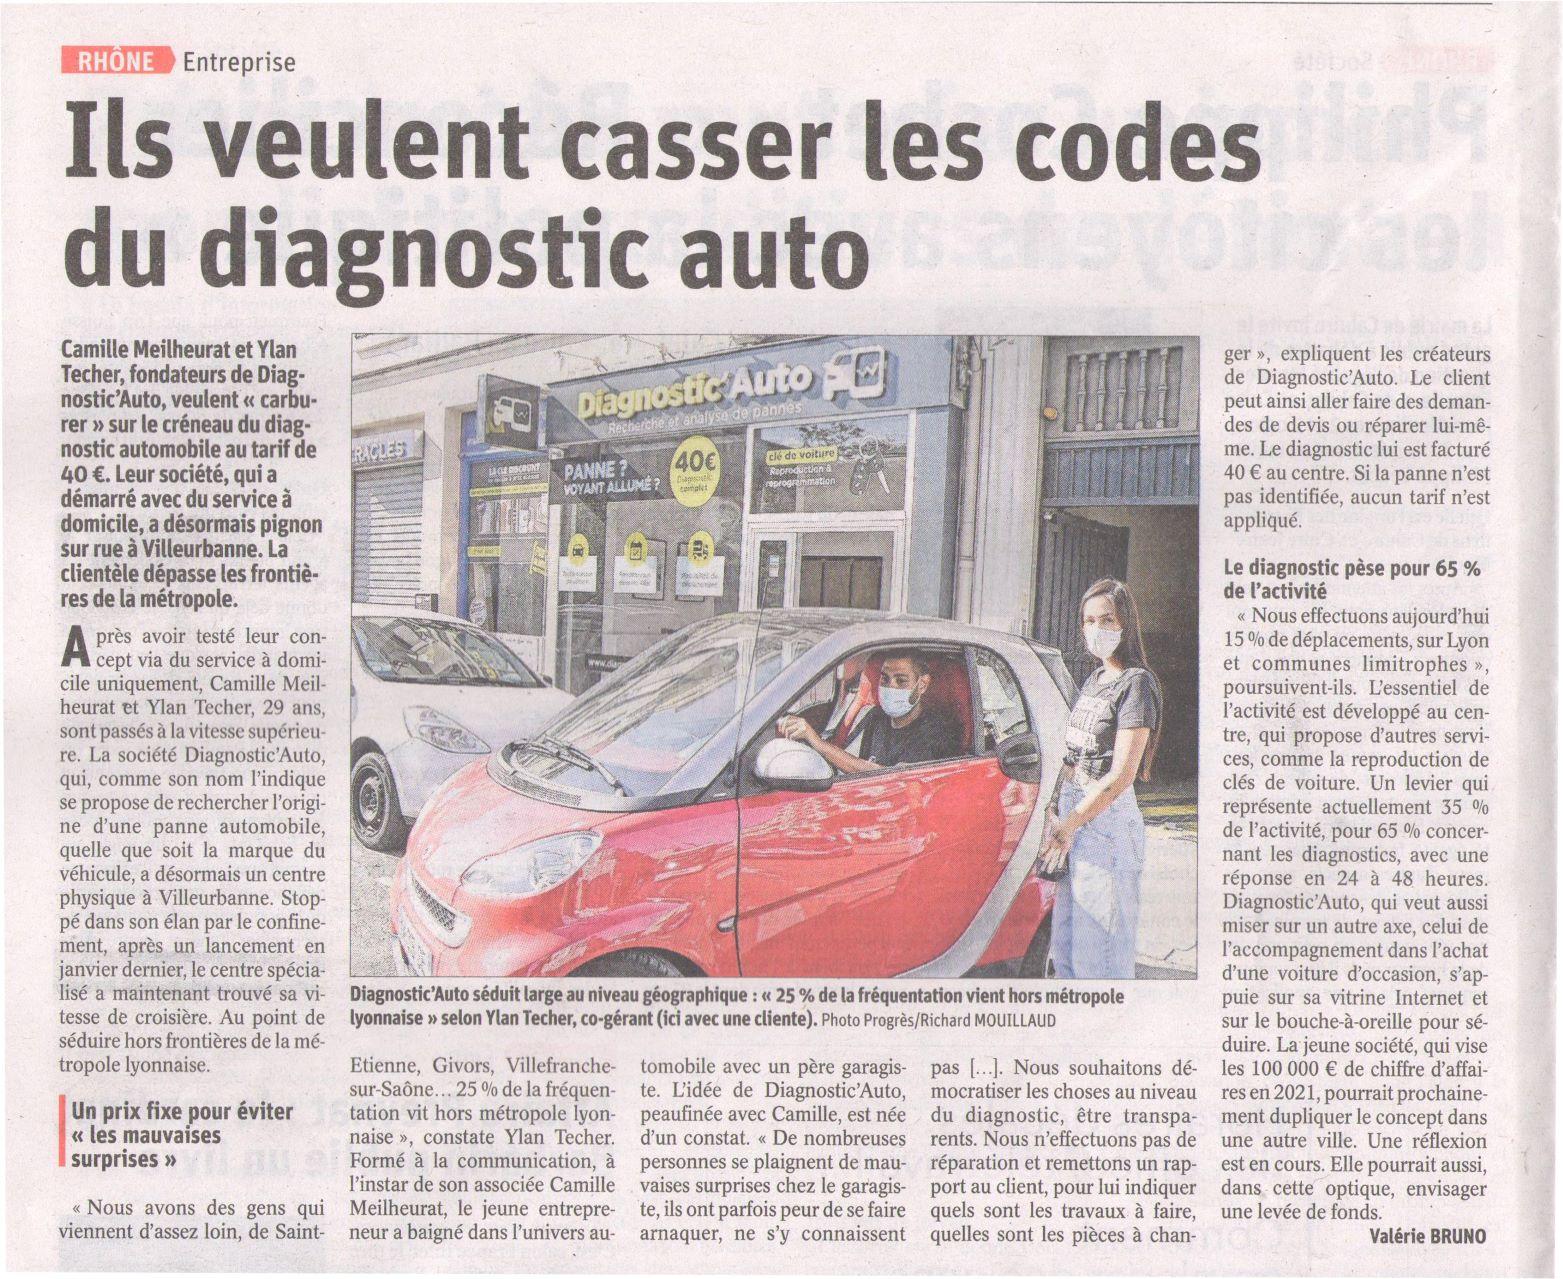 """Article du Progrès """"Ils veulent casser les codes du diagnostic auto"""""""